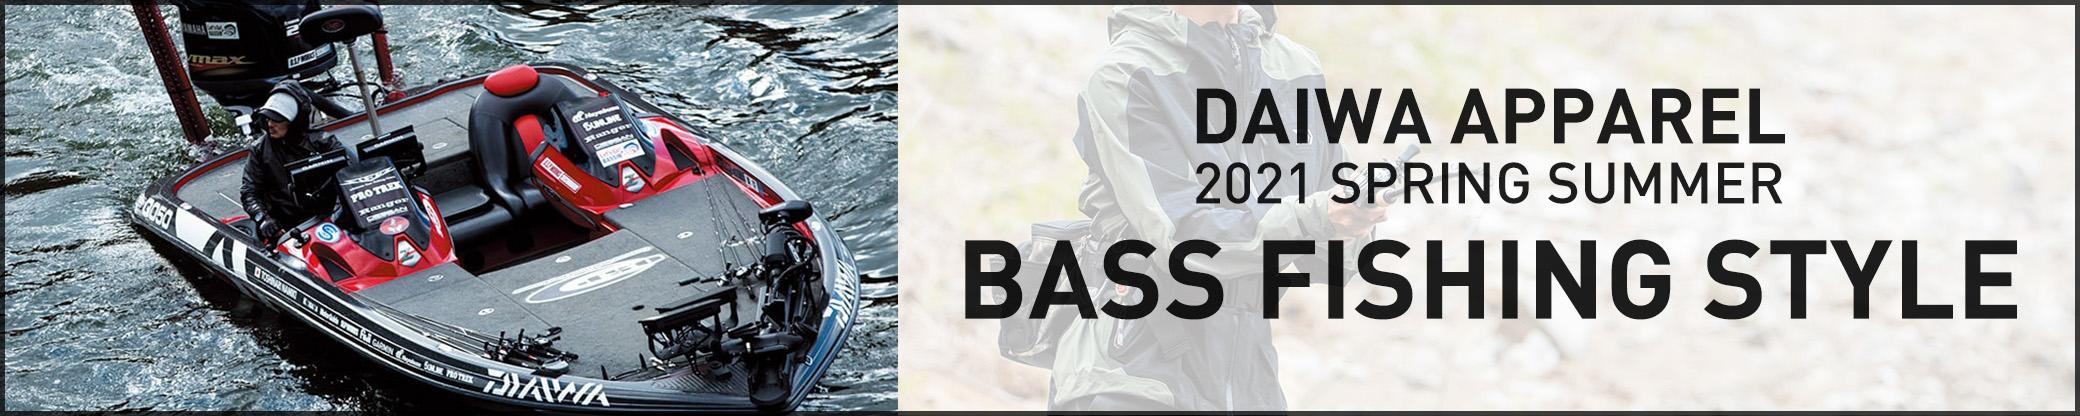 DAIWA APPAREL 2021SS BASS FISHING STYLE